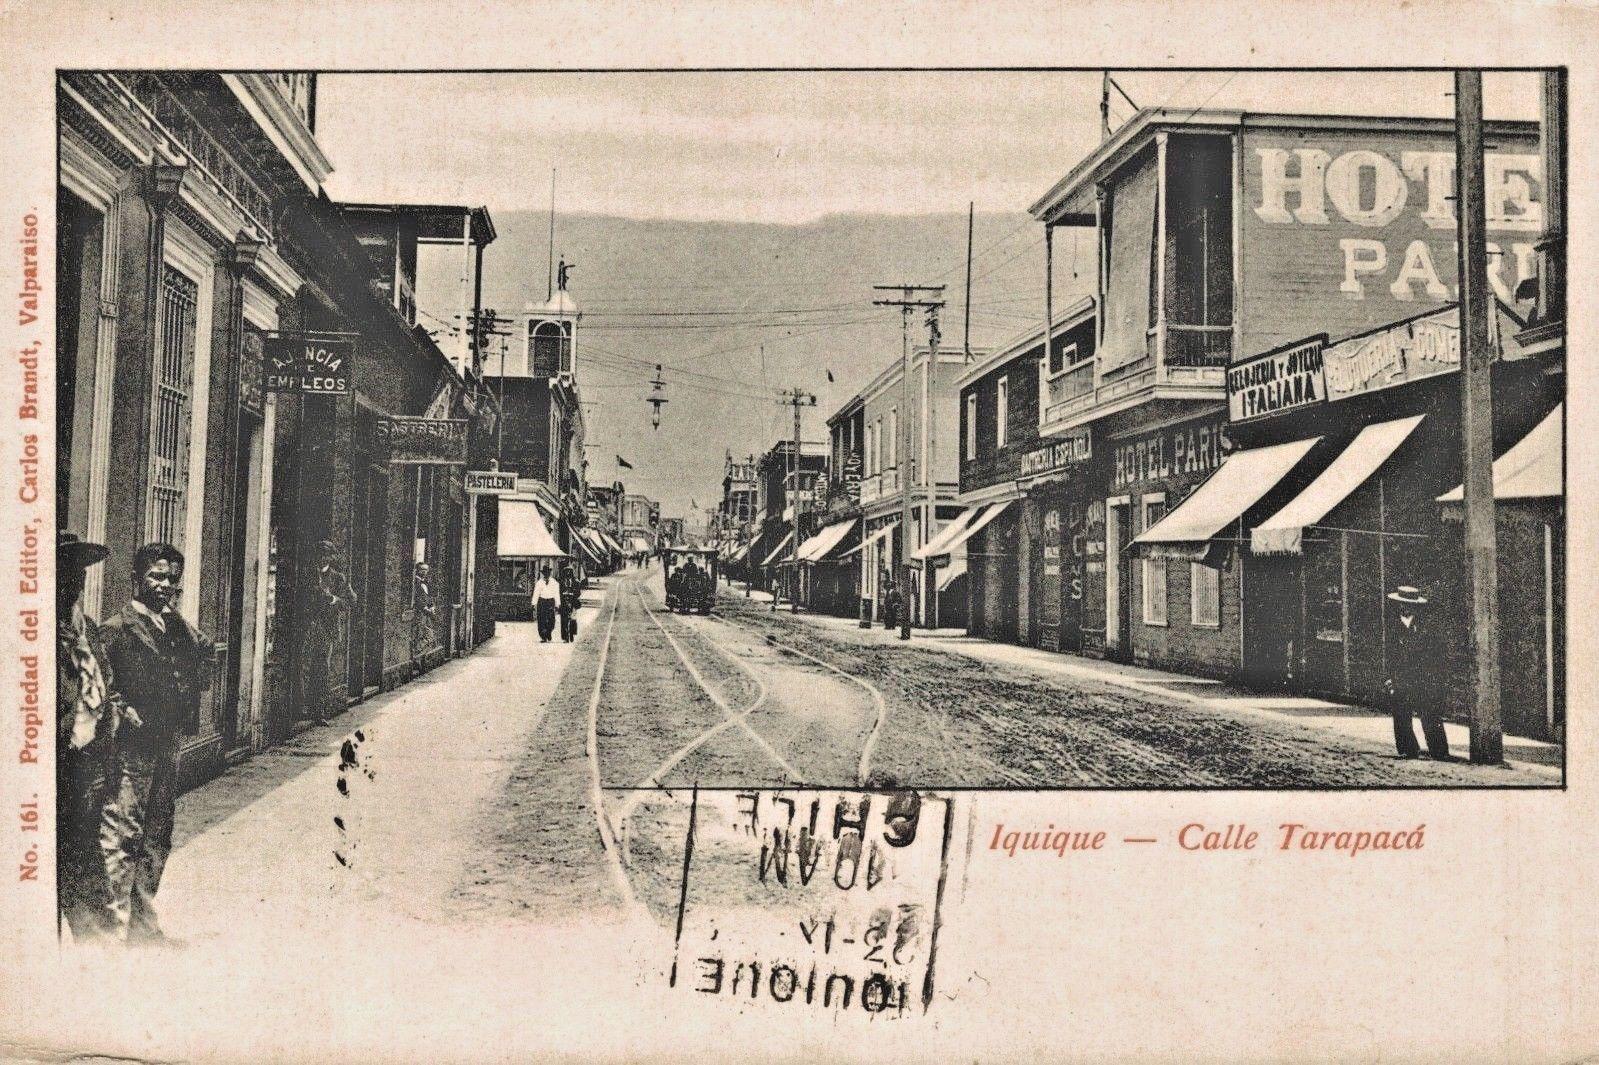 Enterreno - Fotos históricas de chile - fotos antiguas de Chile - Iquique en 1910